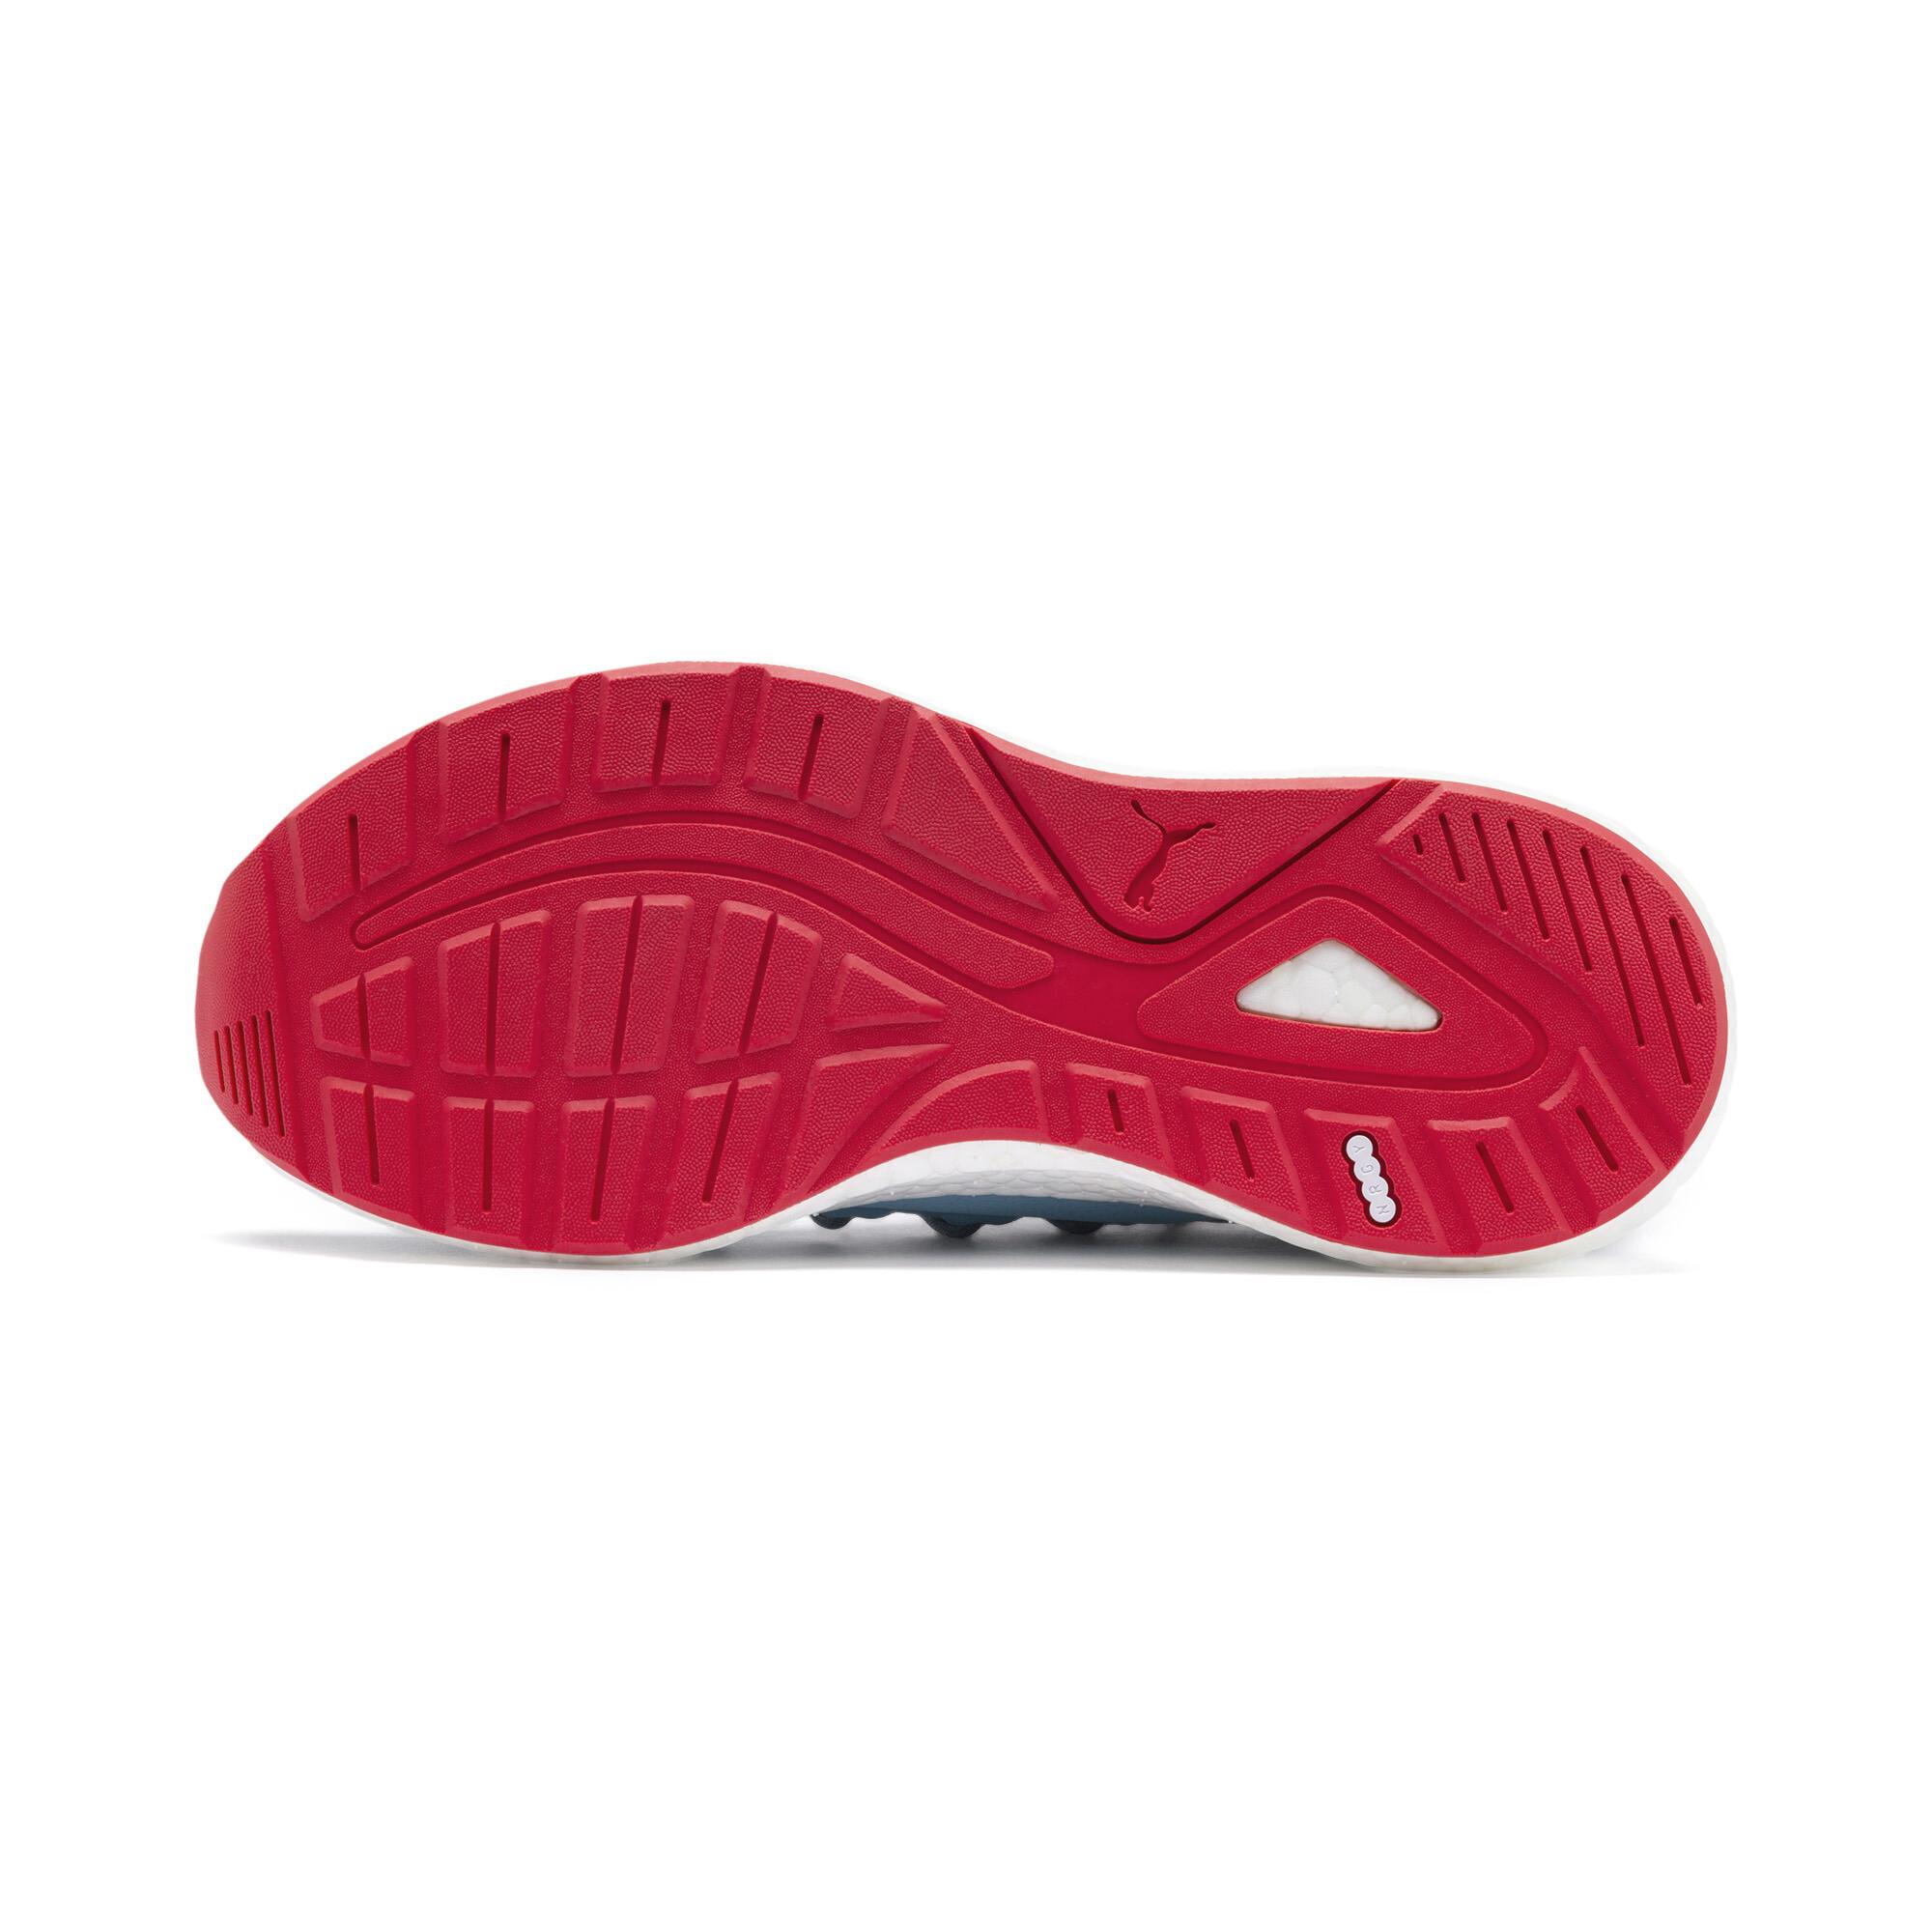 PUMA-Youth-NRGY-Neko-Knit-Running-Shoes thumbnail 17